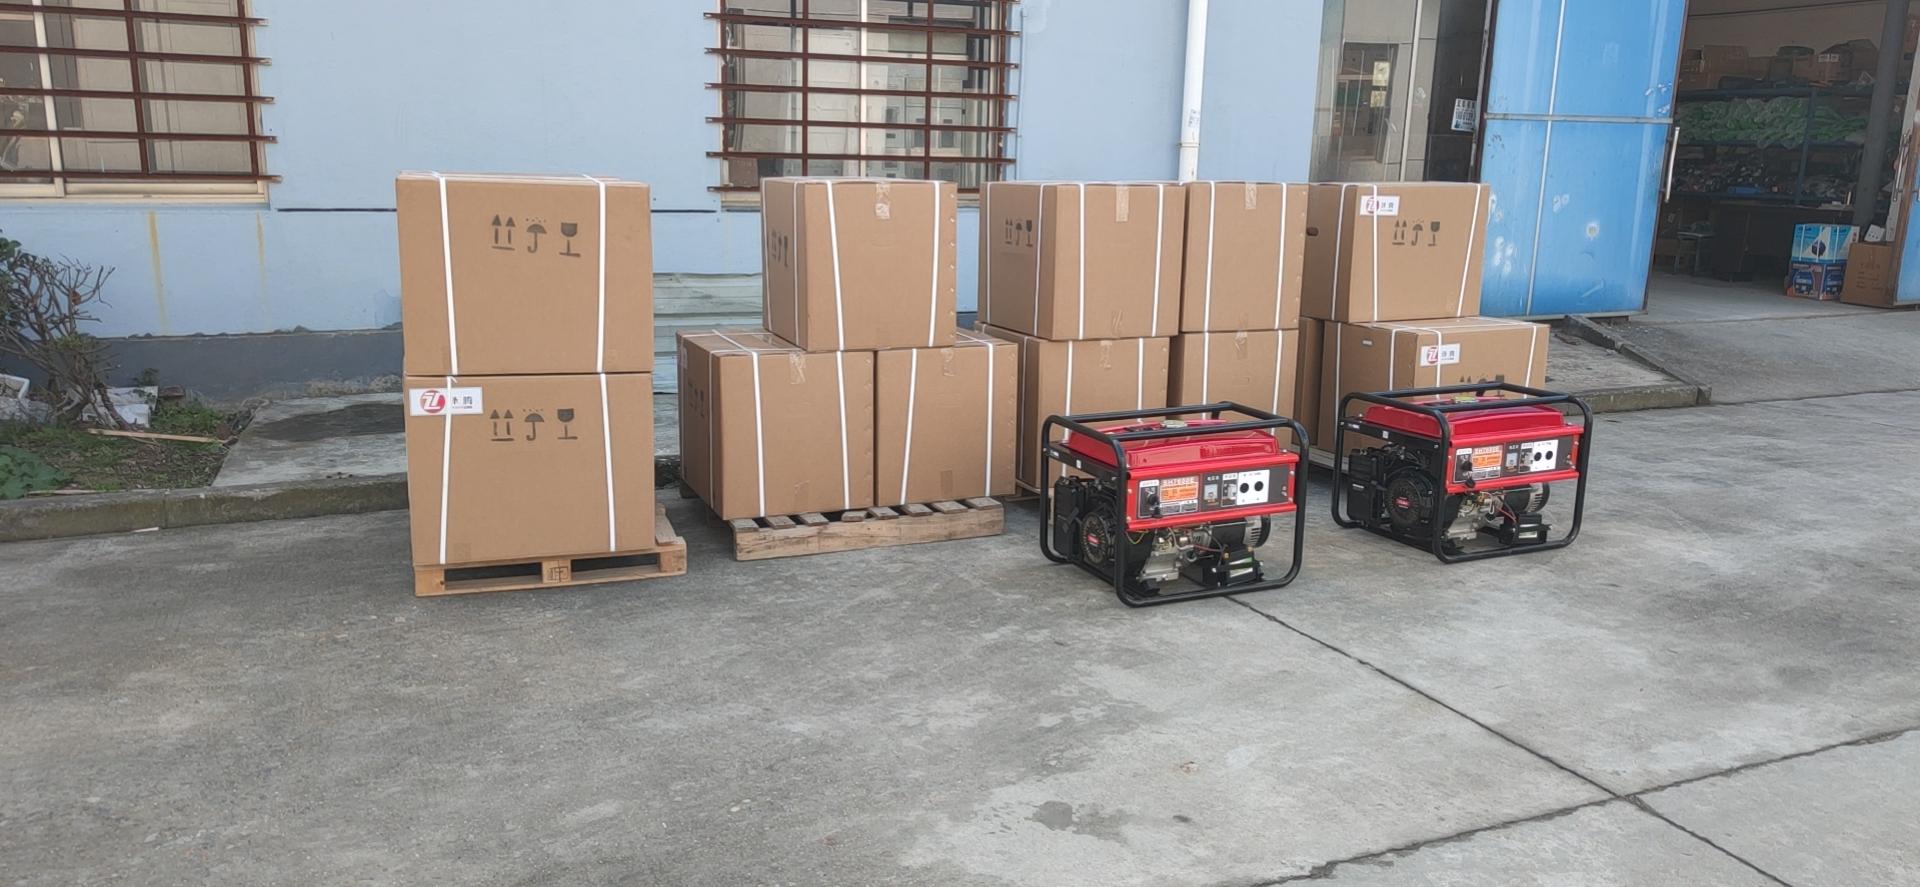 5kw汽油发电机泽腾品牌 医院备用电源956236275